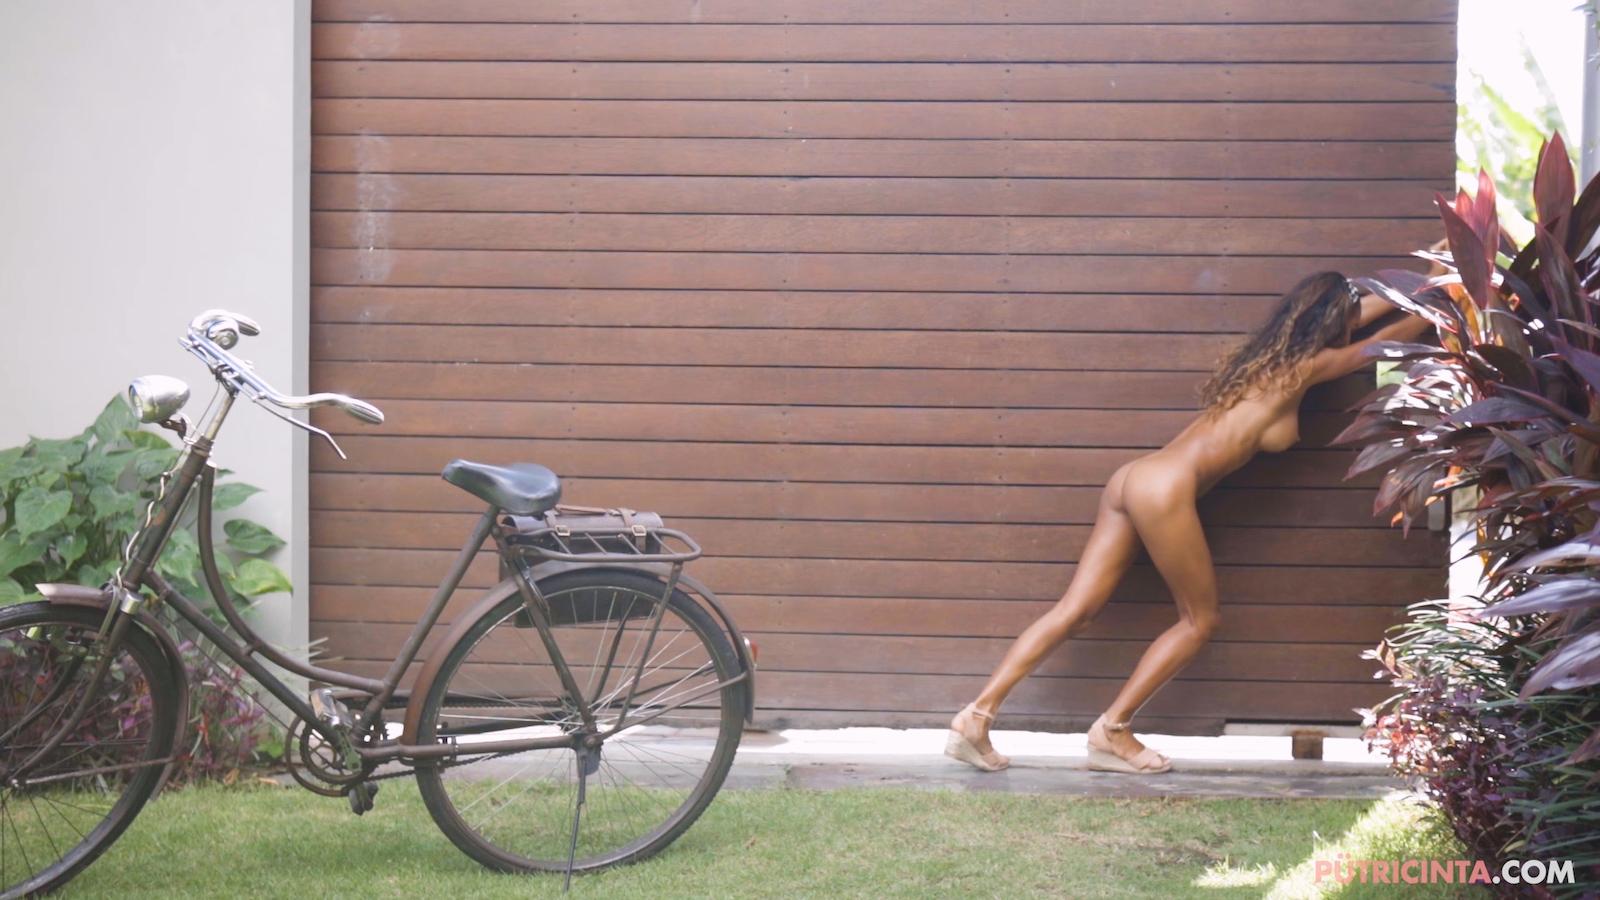 024-cyclingcommando-Putri-Cinta-Mainvid-stills-83.jpg